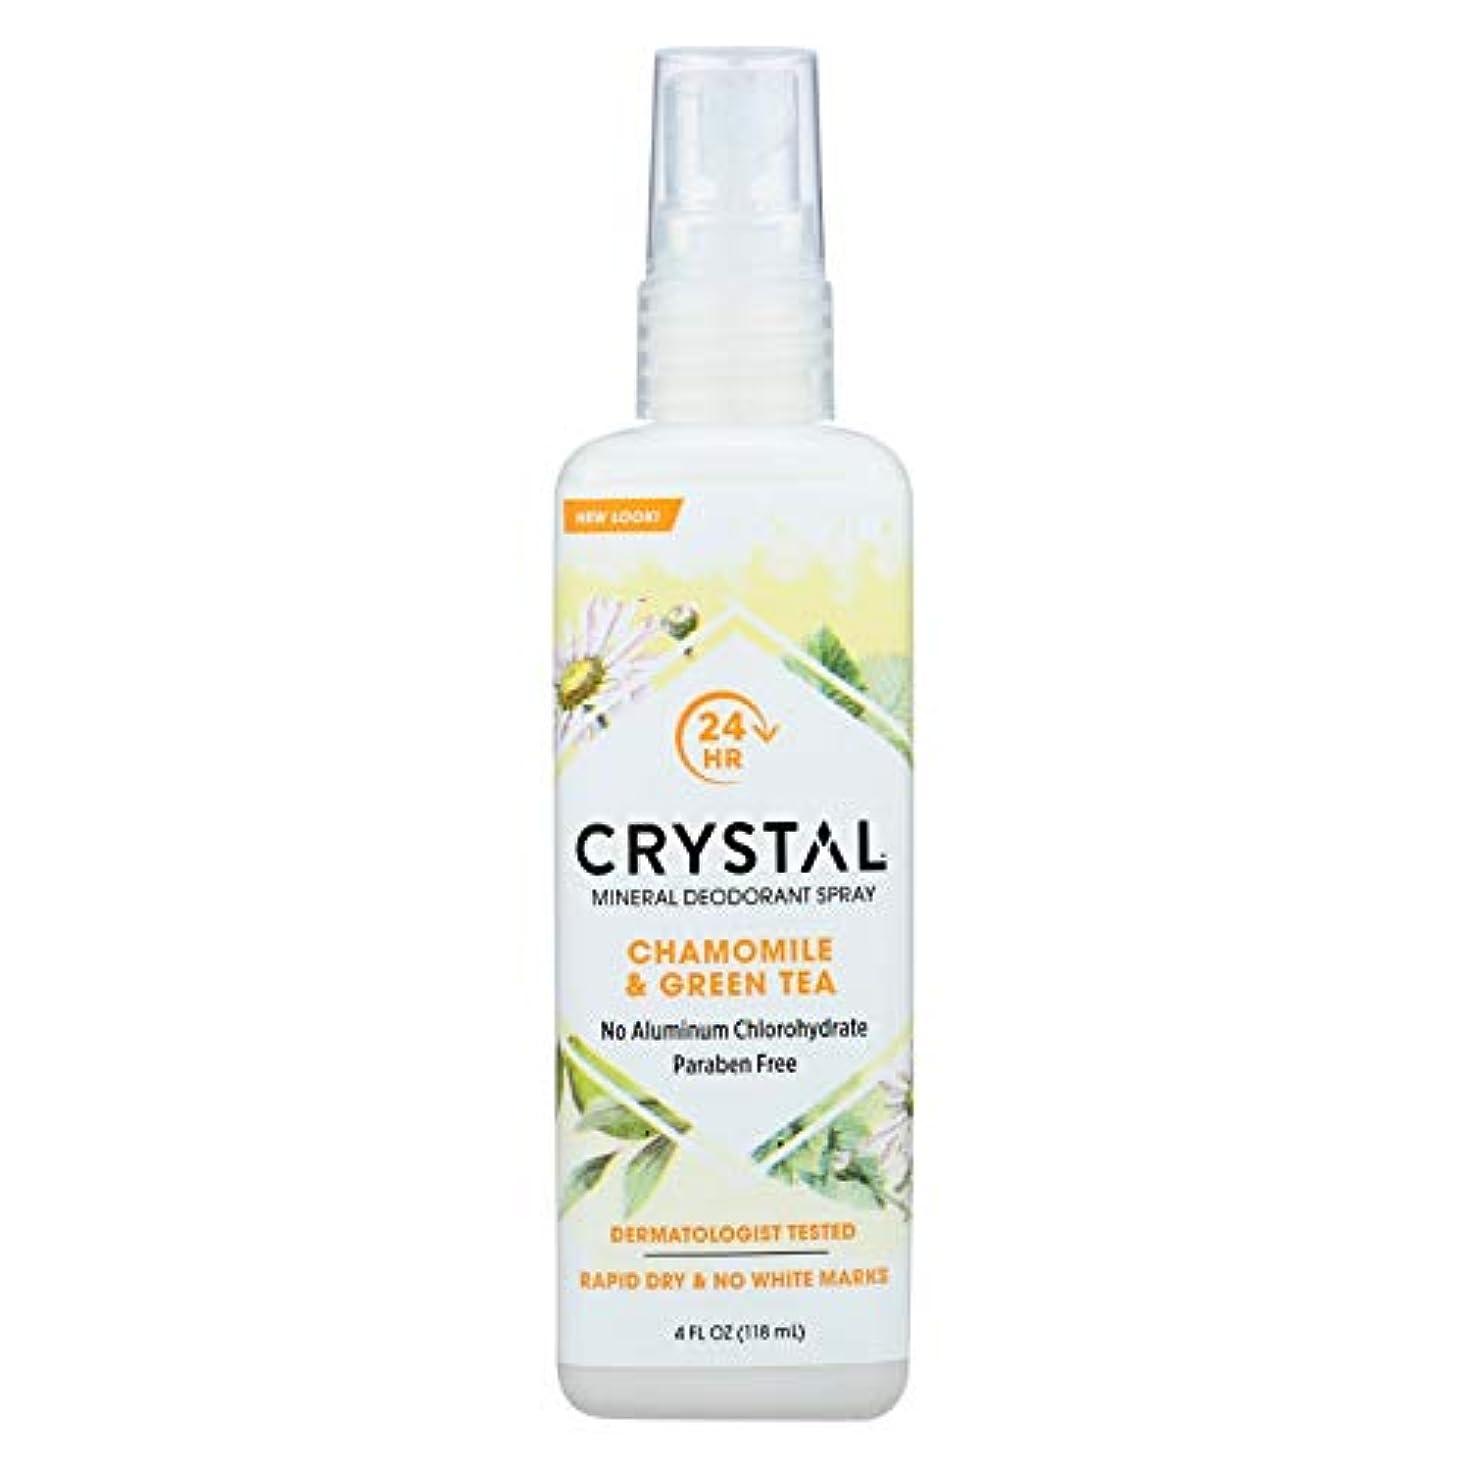 Crystal Body Deodorant - 水晶本質のフランスの運輸Chamomile及び緑茶によるミネラル防臭剤ボディスプレー - 4ポンド